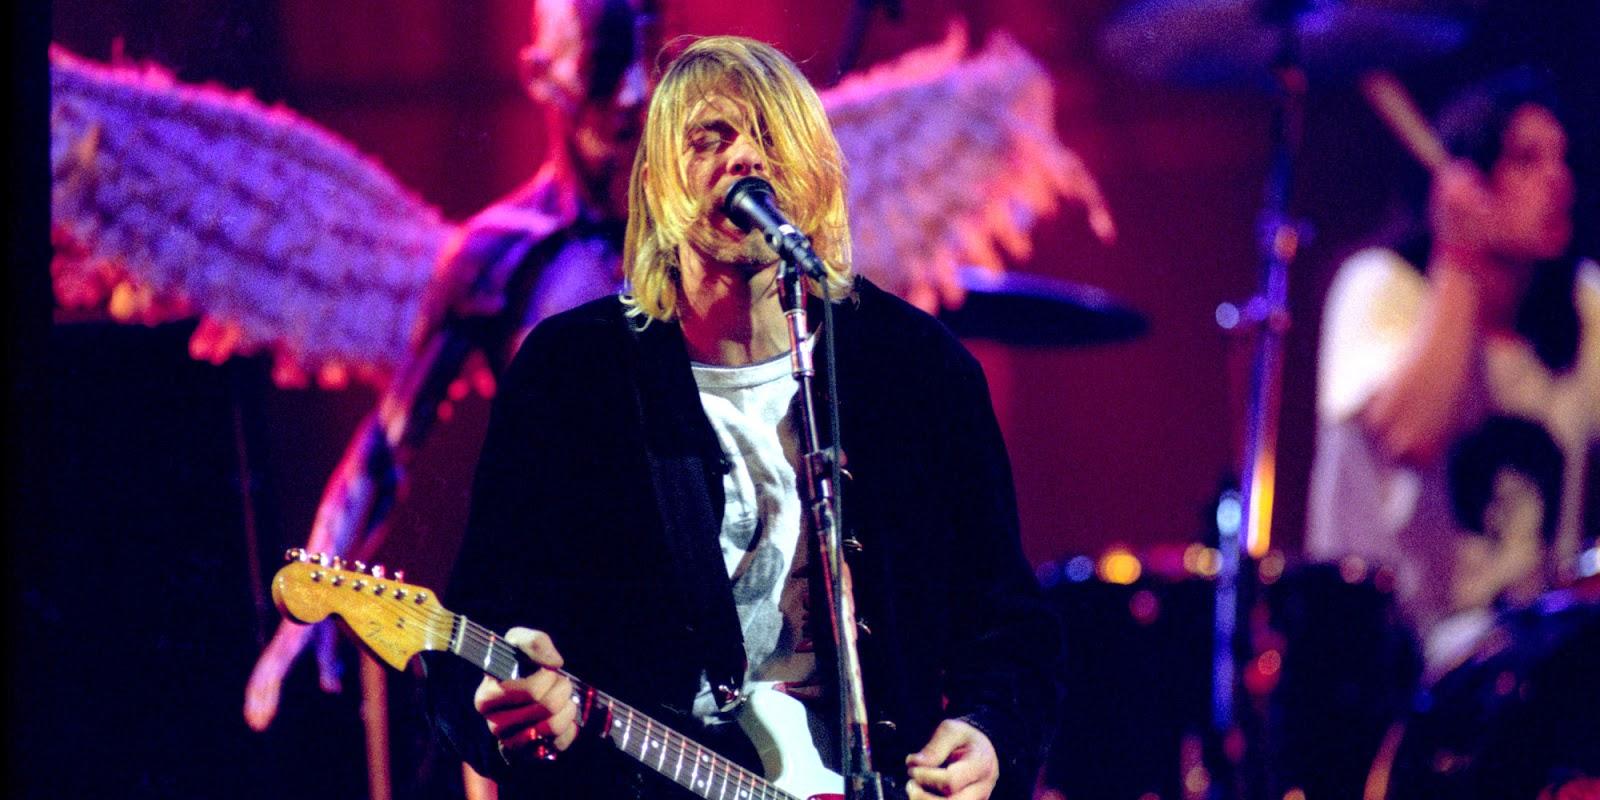 Daftar 20 Lagu Terbaik dan Terpopuler di Tahun 90an